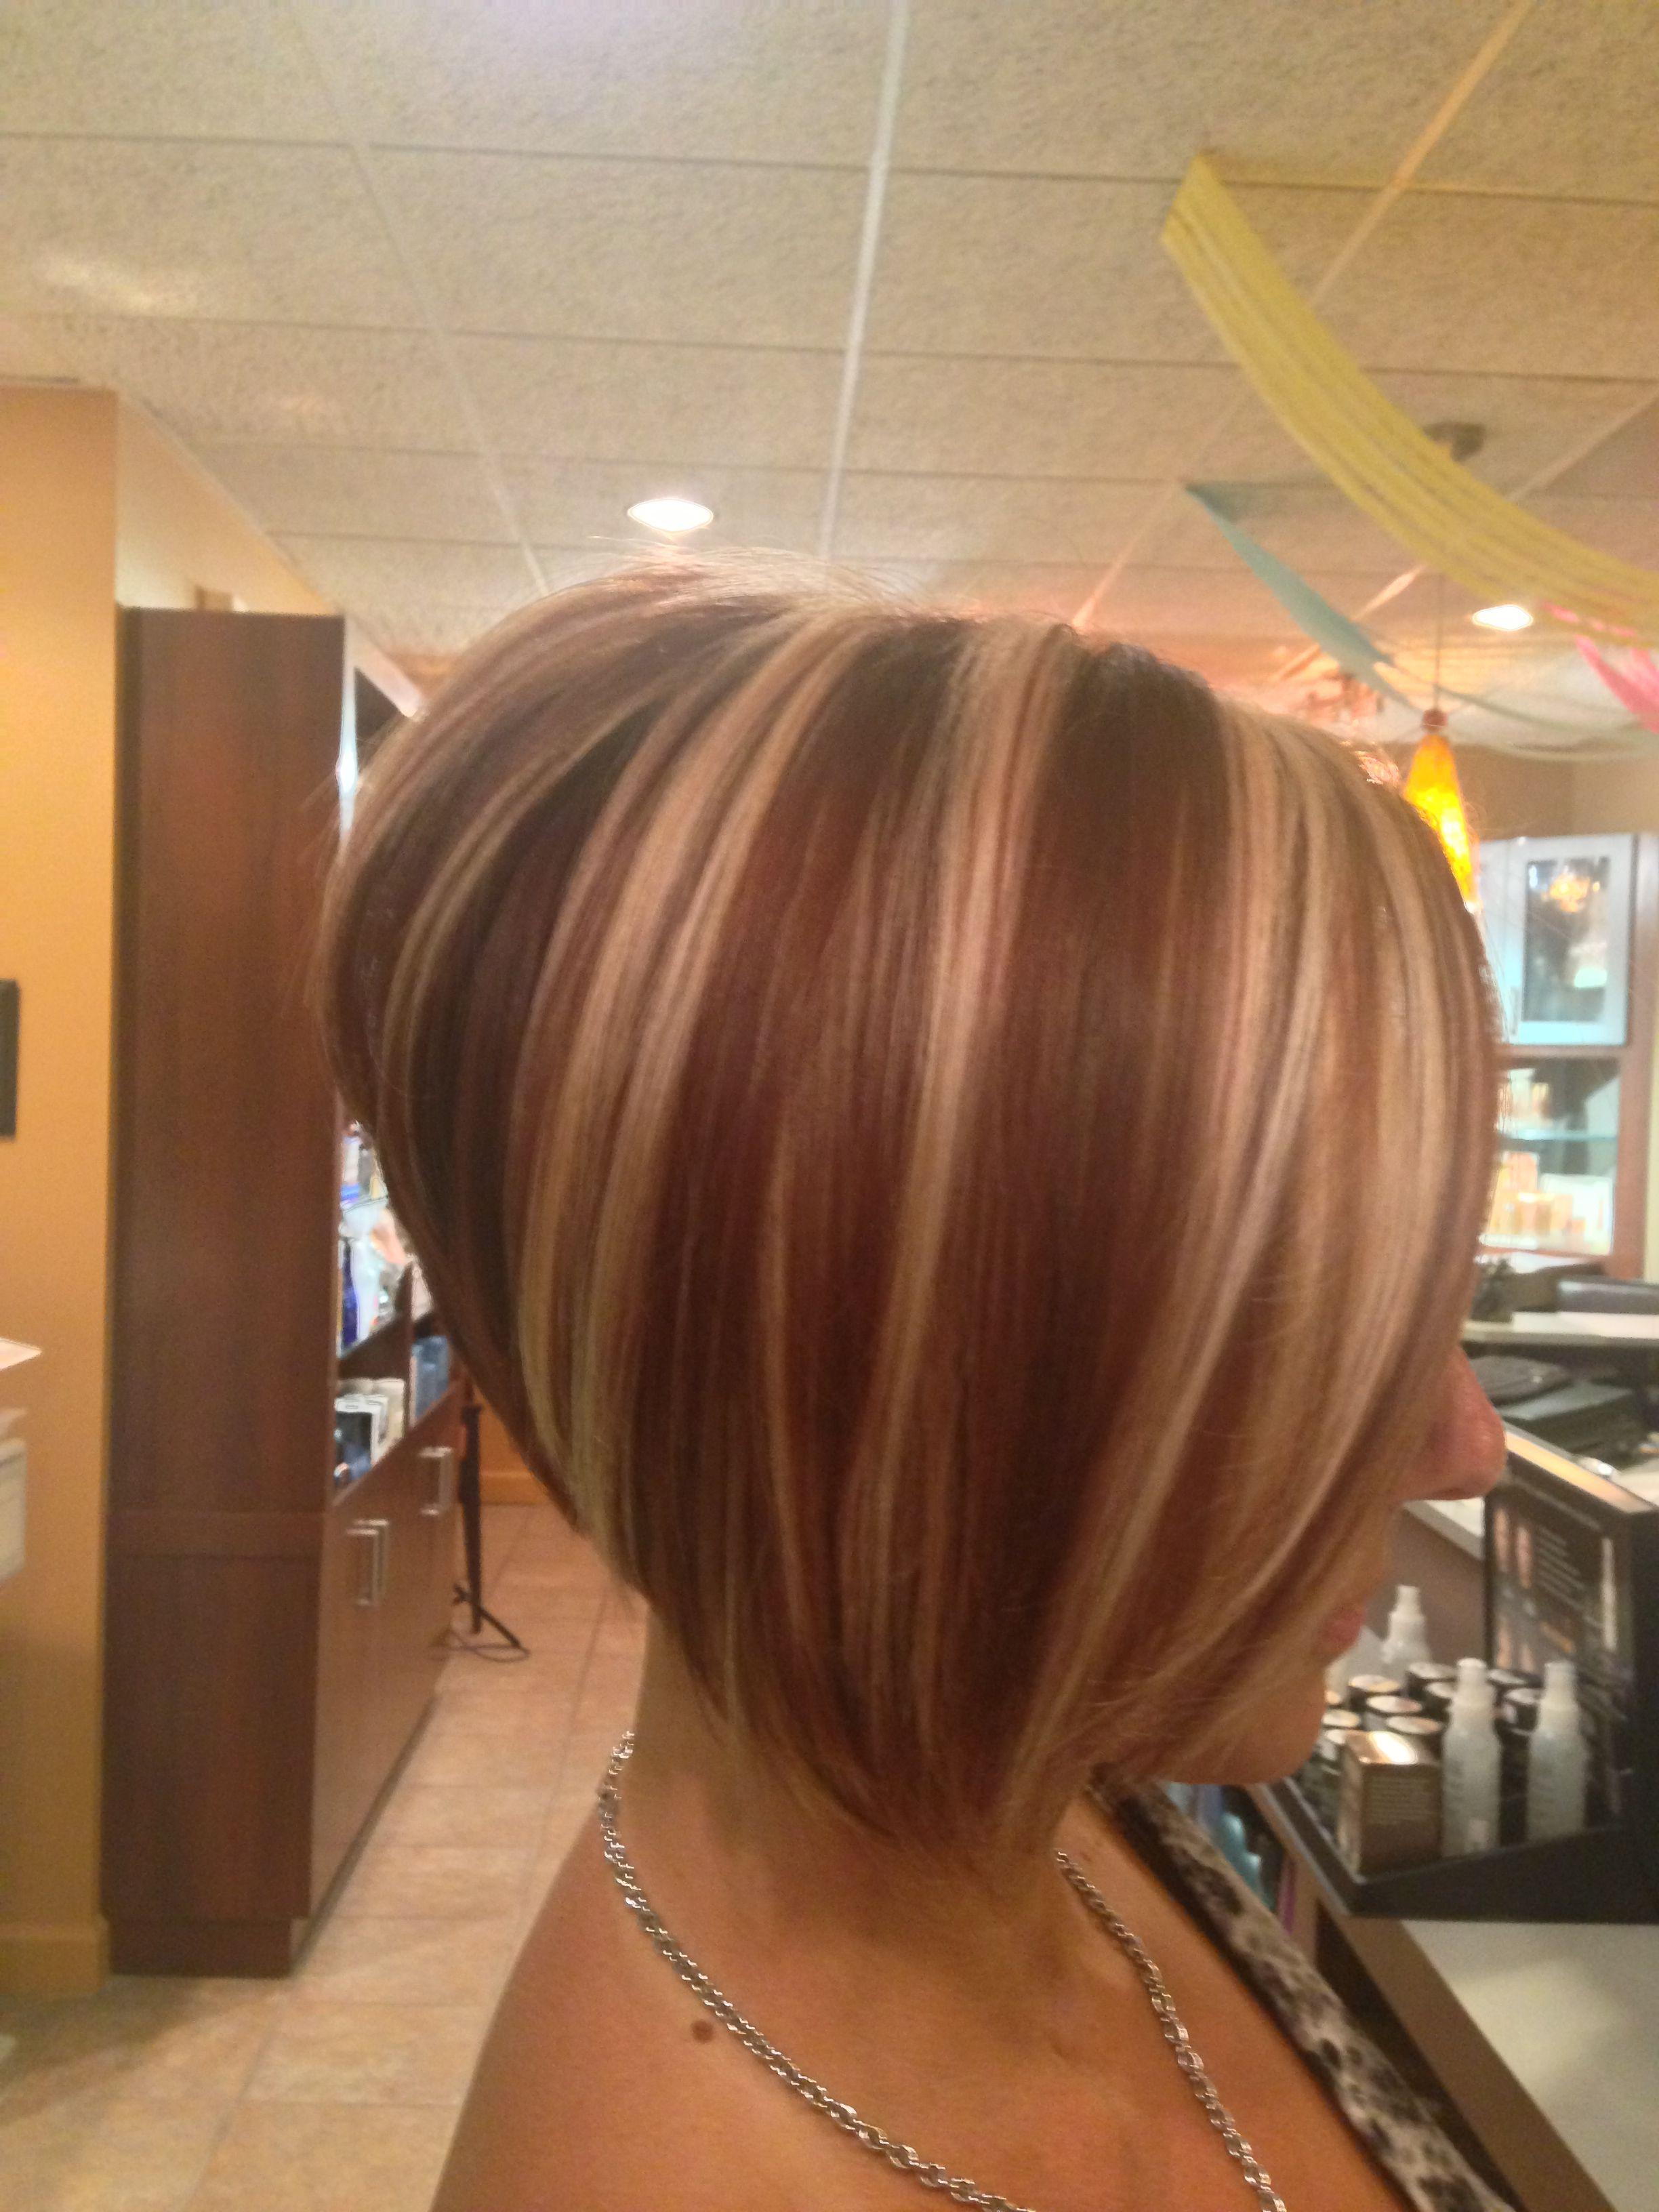 Y mientras mas corto mas me gusta pelo pinterest reddish brown